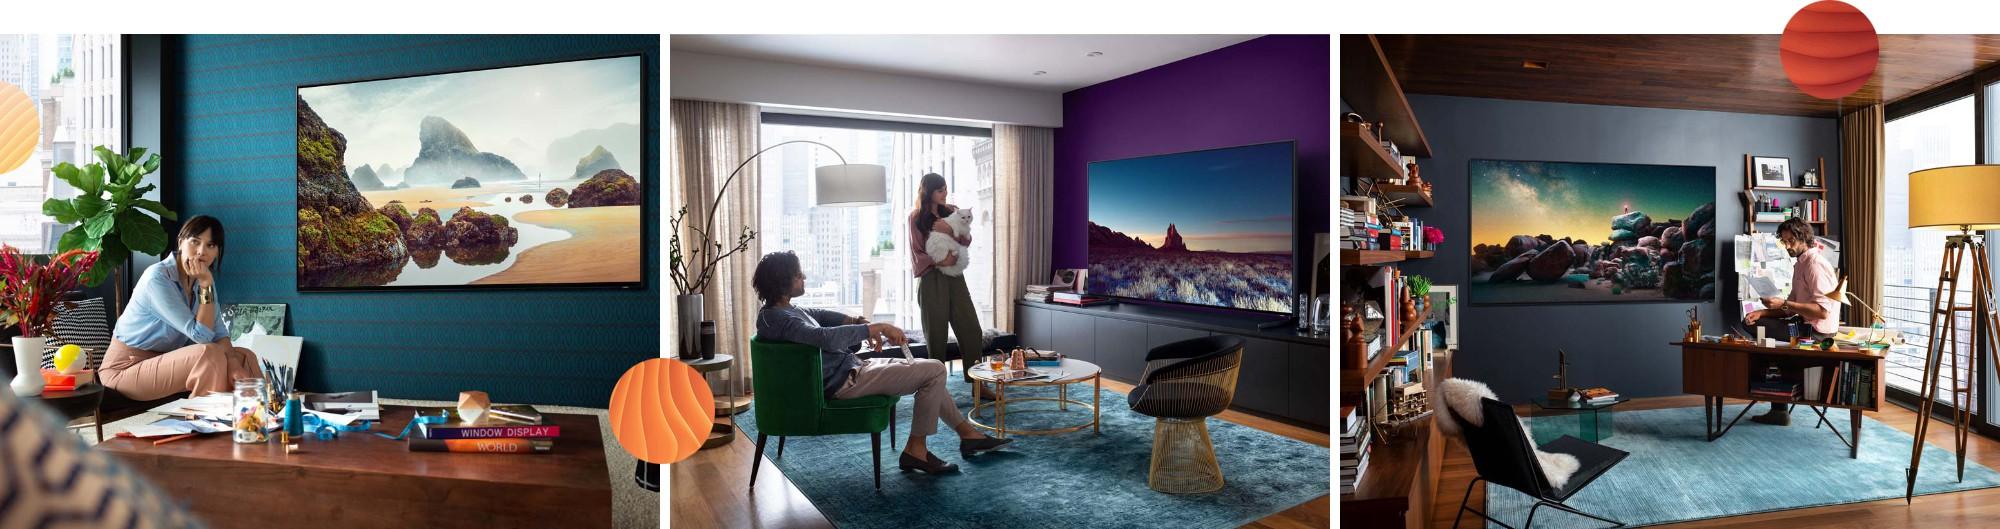 Trí tuệ nhân tạo lợi hại đến mức nào? Đừng nhìn đâu xa, hãy nhìn vào chiếc TV thần thánh này - Ảnh 7.